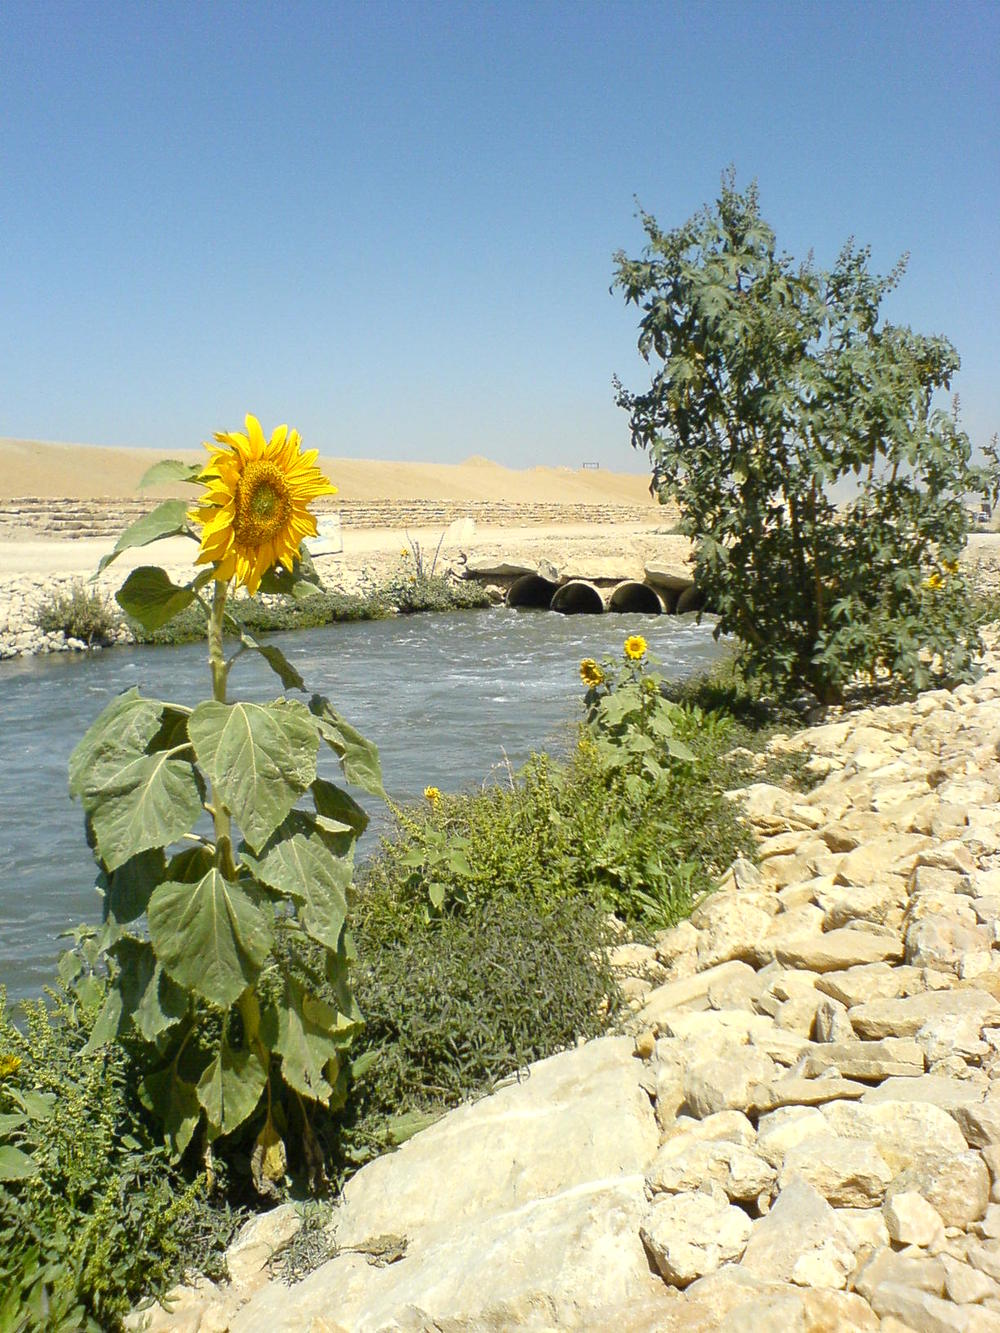 Wadi Hanifah Restoration - Riyadh